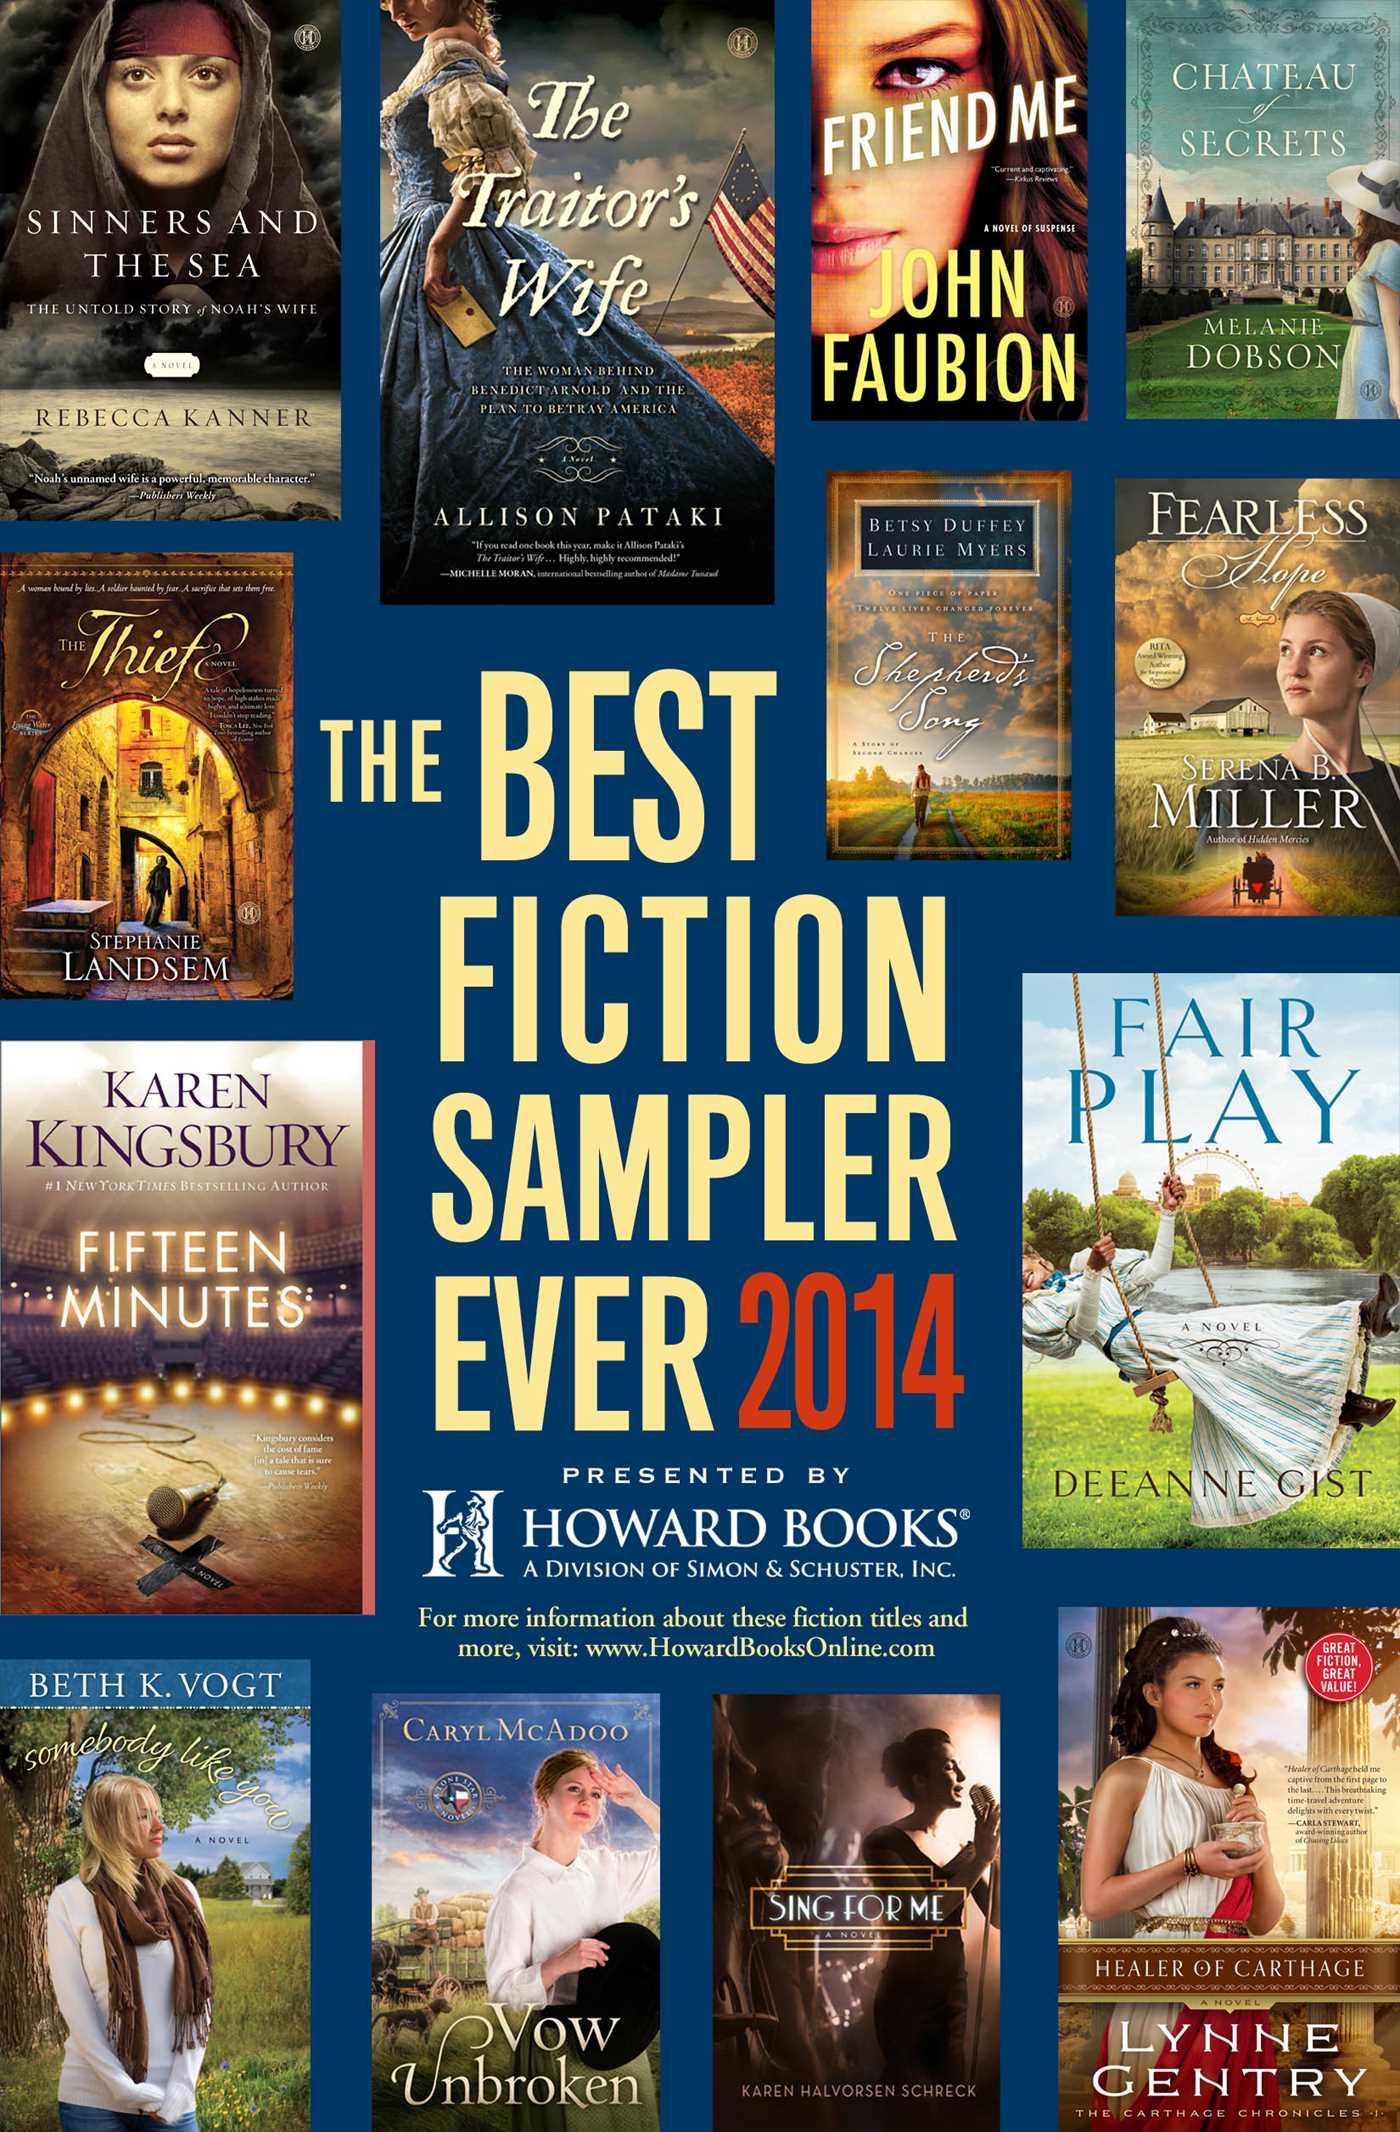 The best fiction sampler ever 2014 howard books 9781476779348 hr